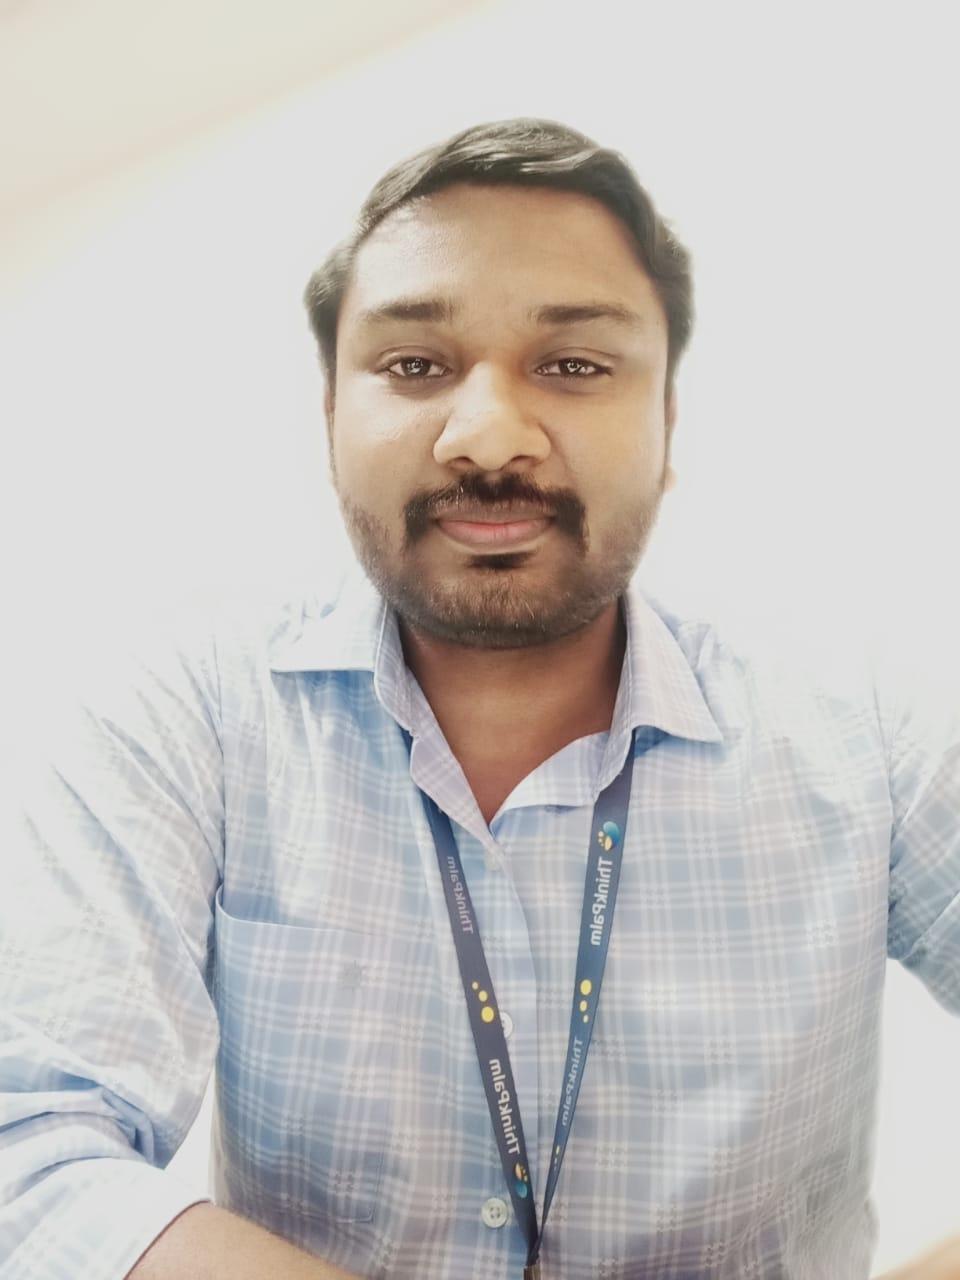 AjayAAlunkal